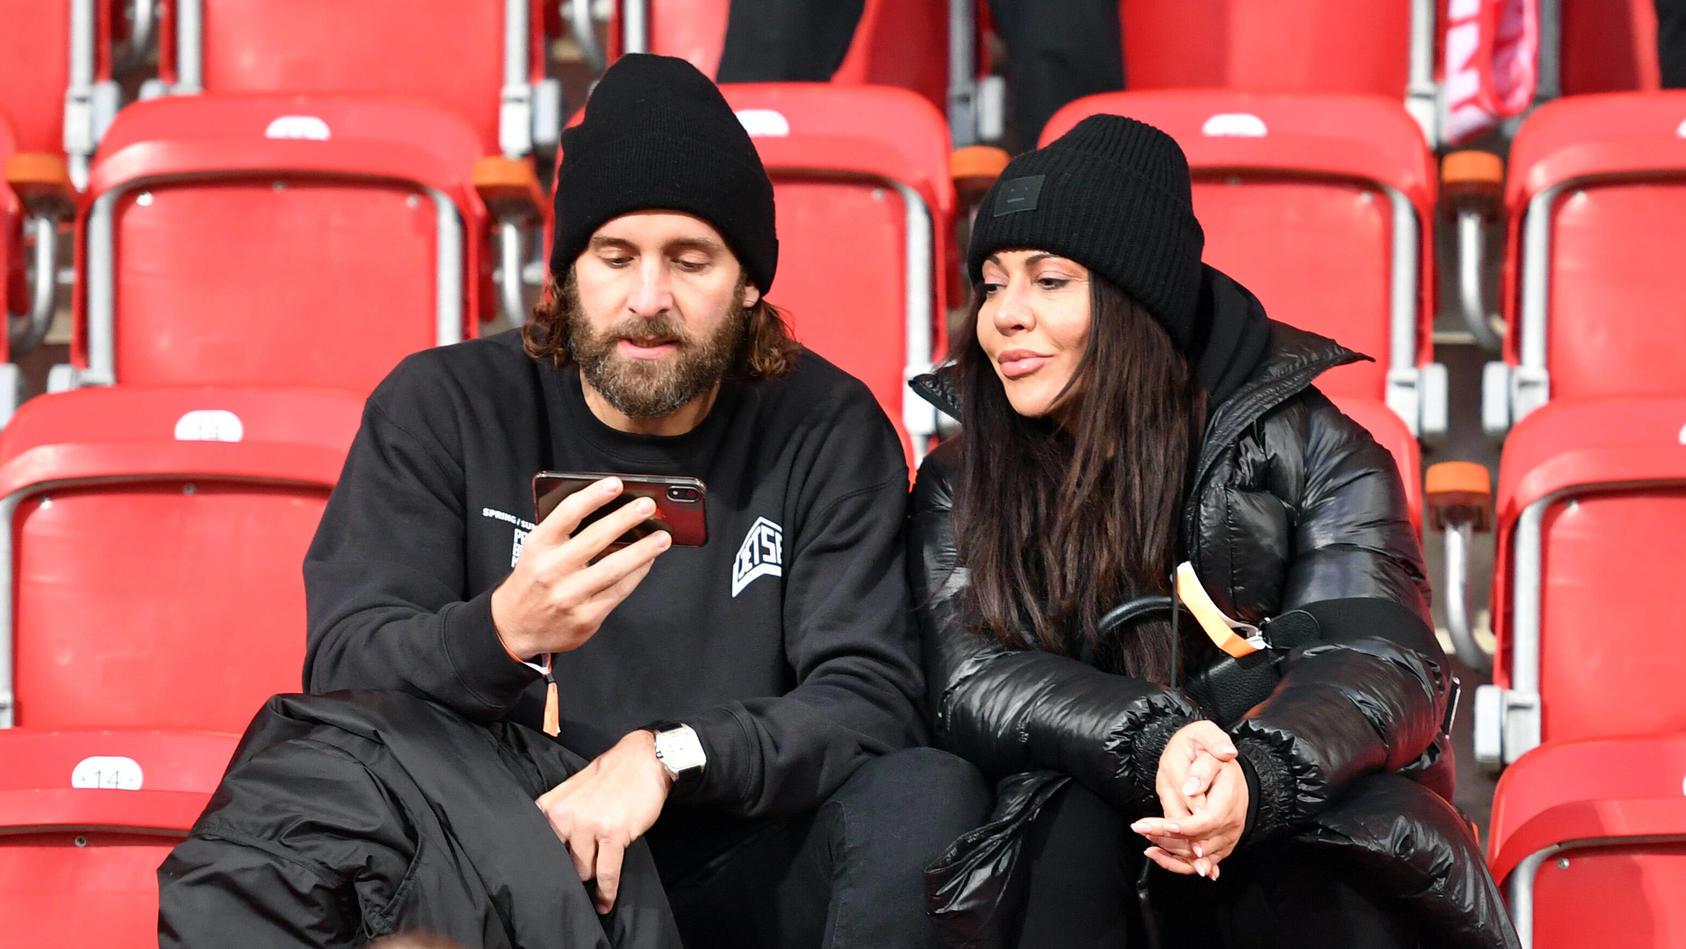 Silvio Heinevetter (Torwart DHB-Team) mit Lebensgefährtin Simone Thomalla (Schauspielerin) auf der Tribüne bei einem Spiel von Union Berlin